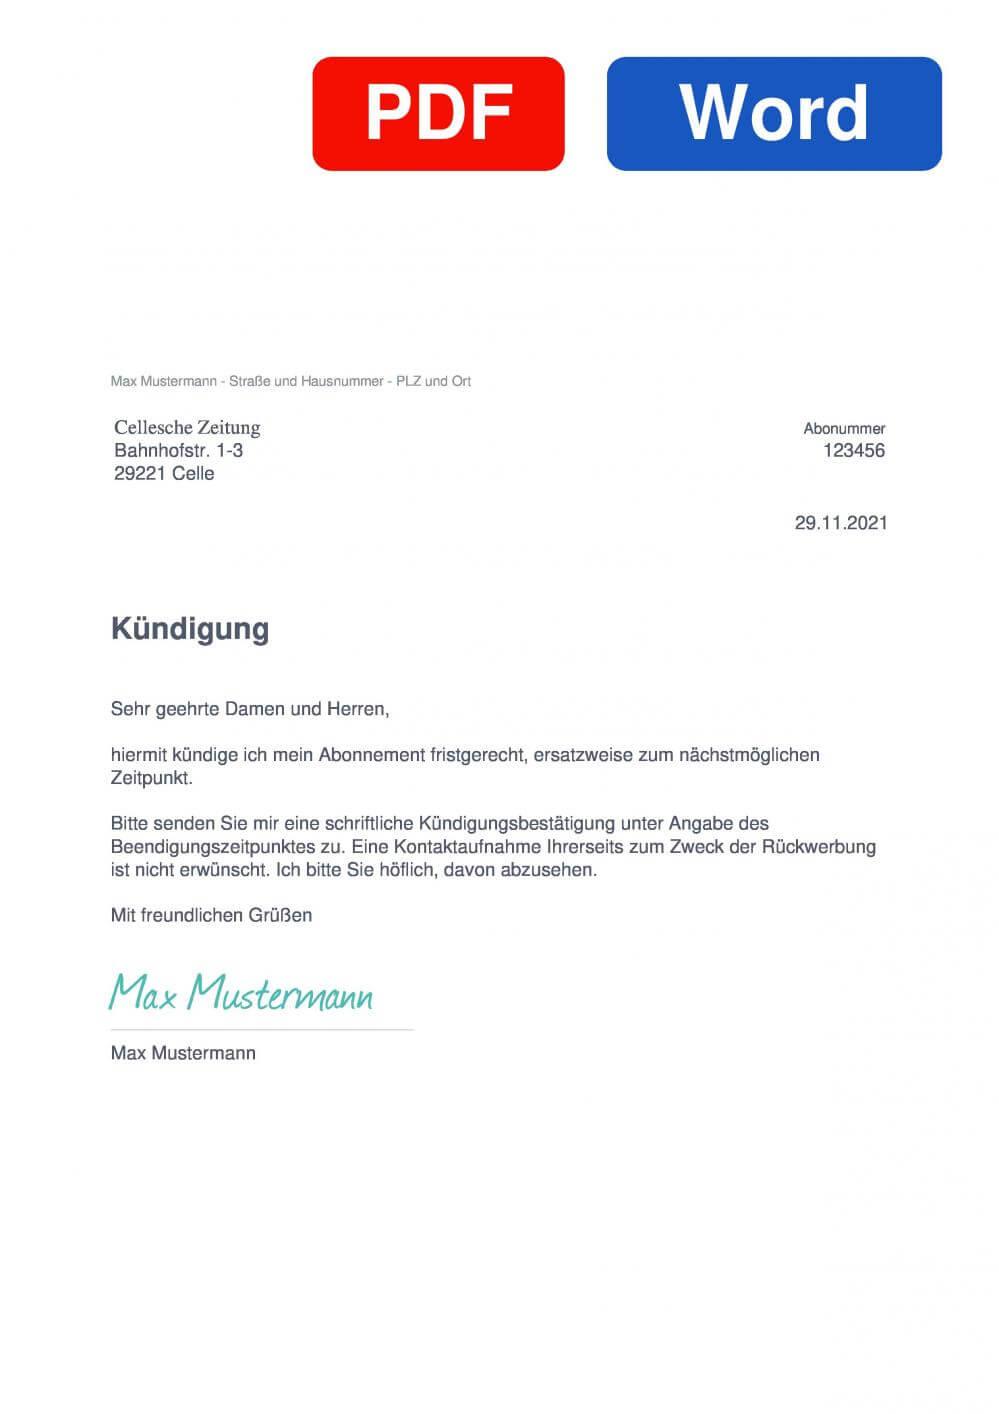 Cellesche Zeitung Muster Vorlage für Kündigungsschreiben